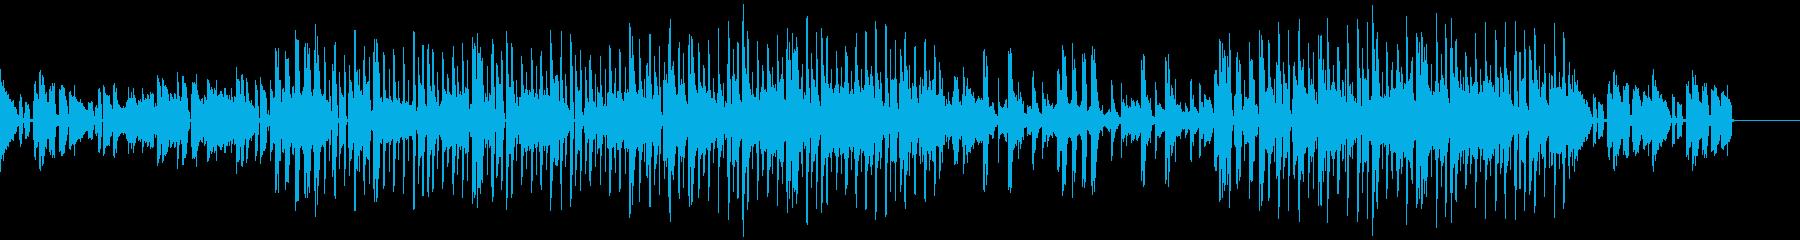 静かにうねる癒やされヒップホップの再生済みの波形